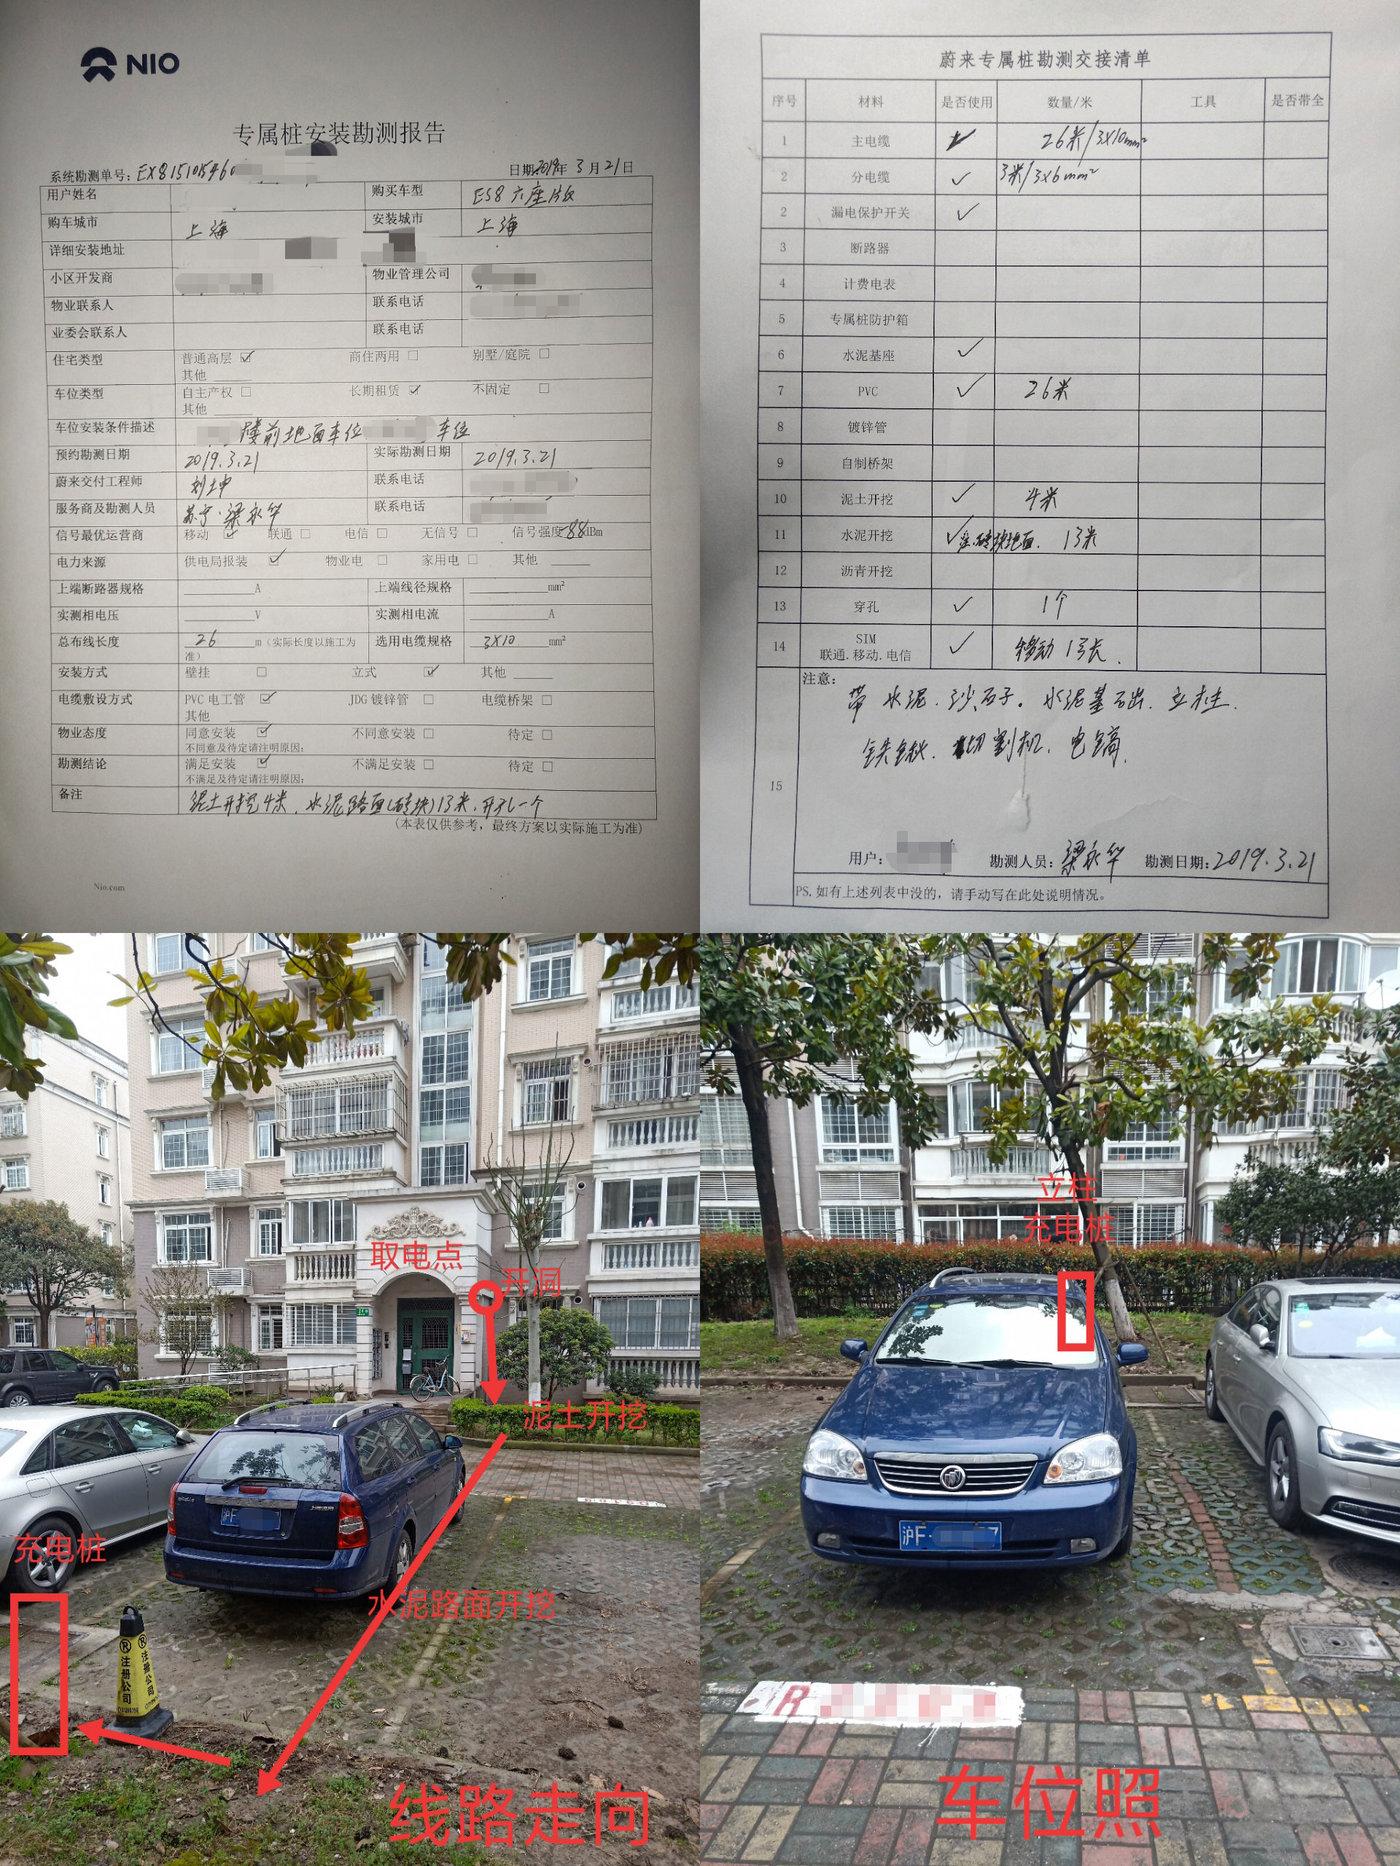 现场勘测是安装的第一步。刘坤向钛媒体《在线》提供了一份勘测报告,报告详细列出了施工所需物料及数量、施工细节等。(图/刘坤提供)